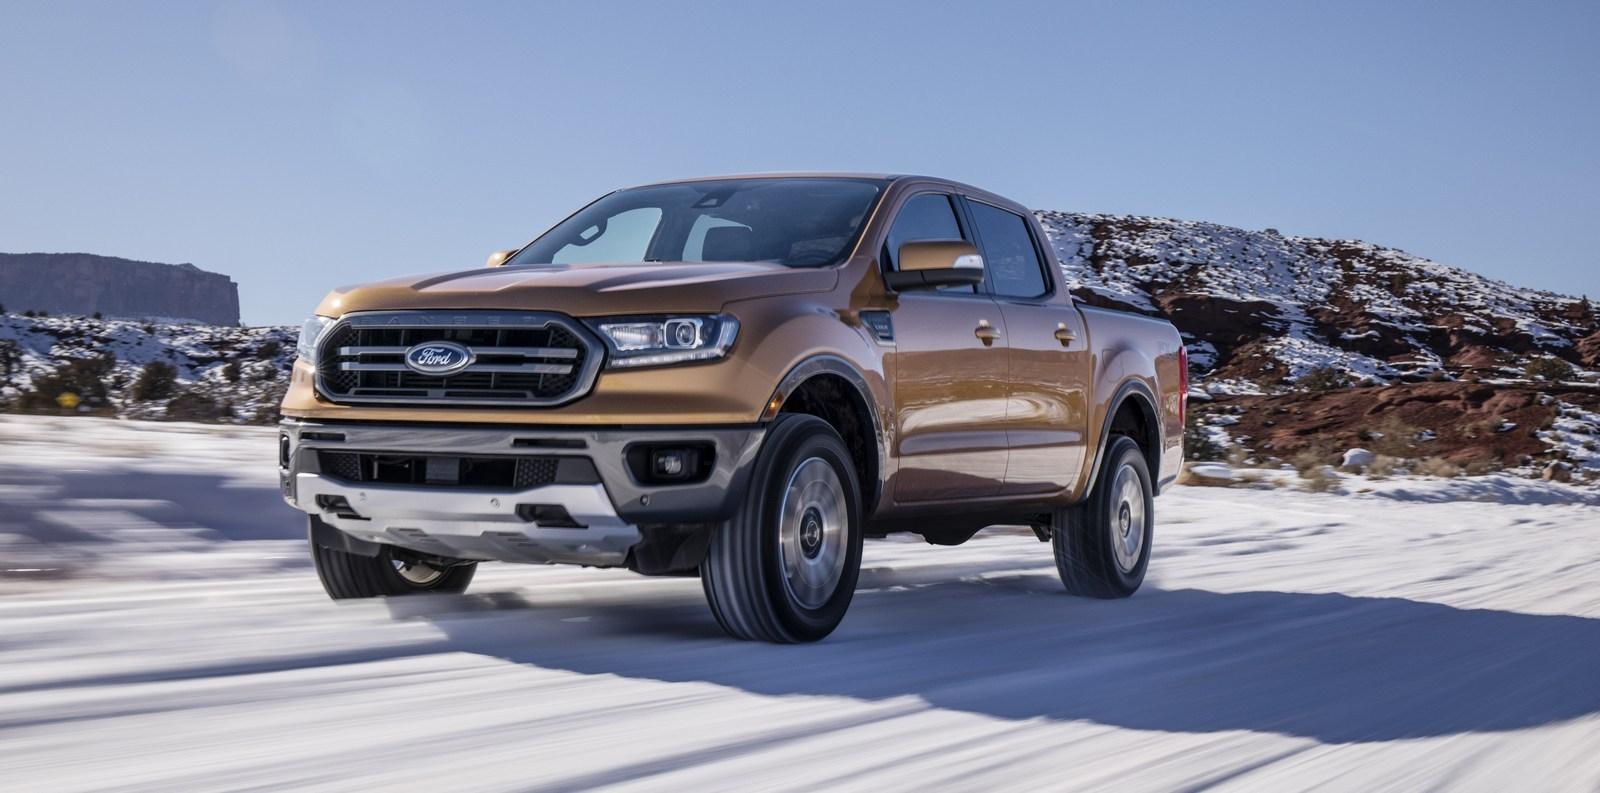 Ford-Ranger-7.jpg